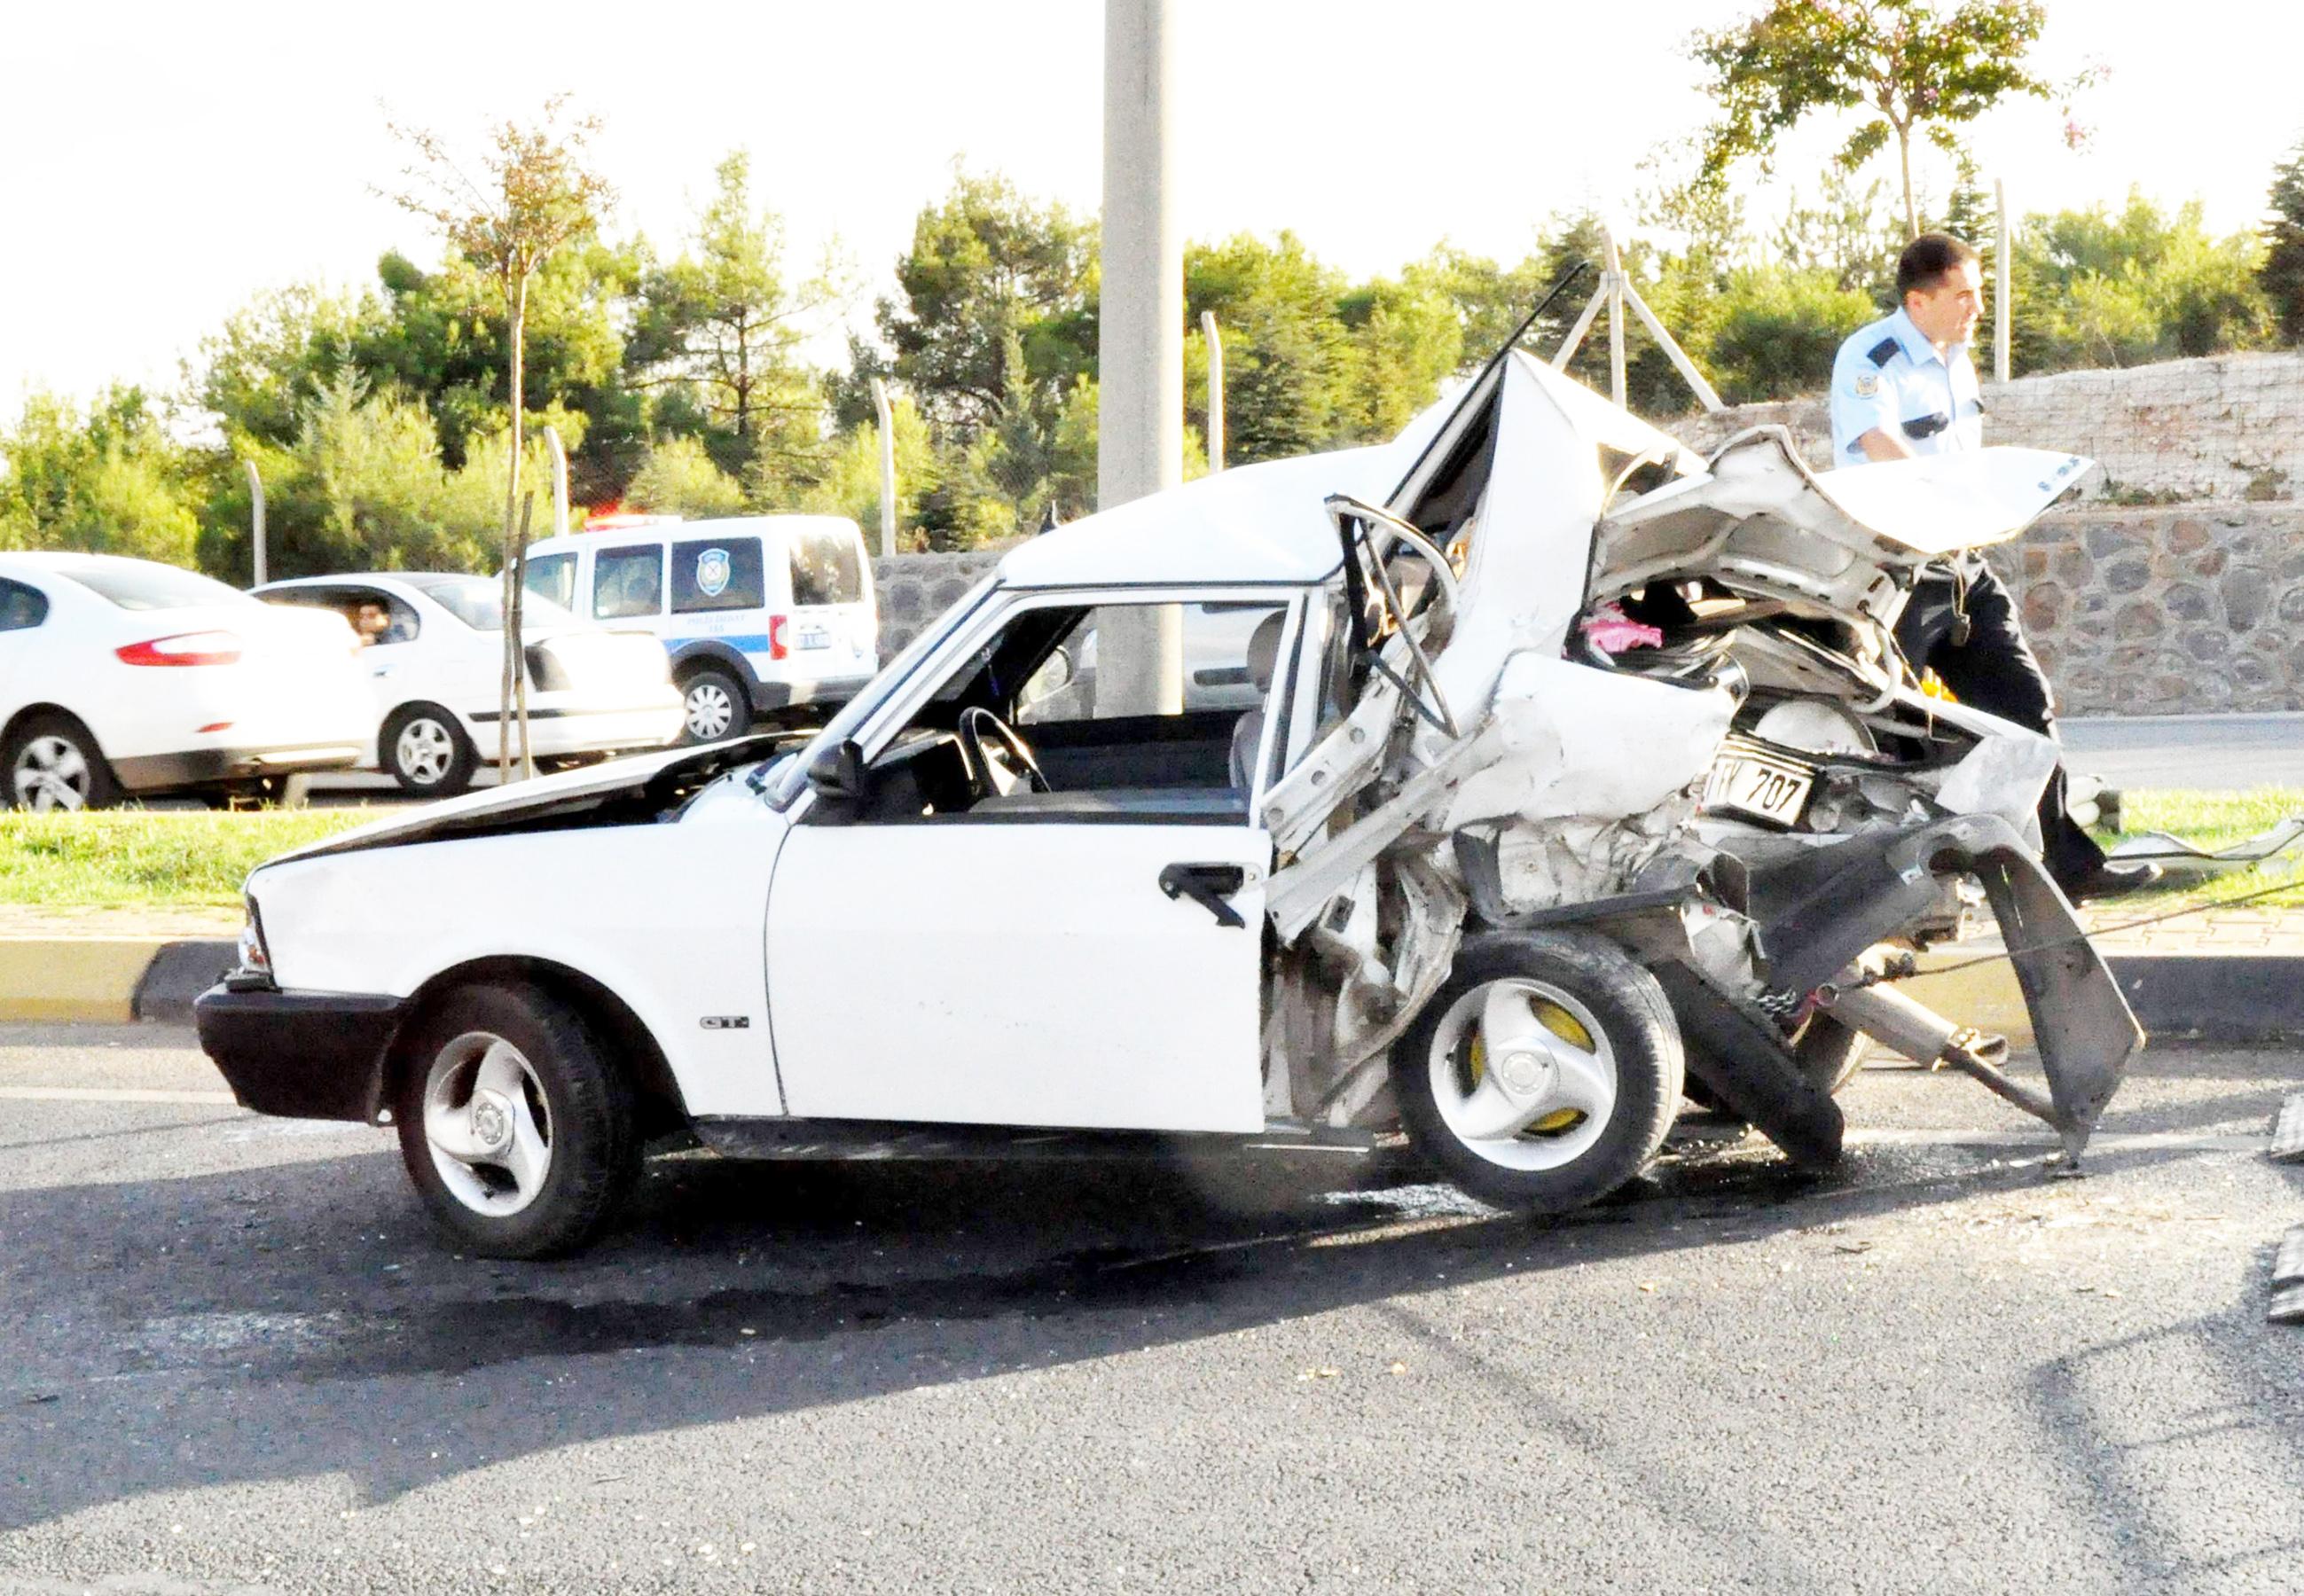 Trafik kazası can aldı